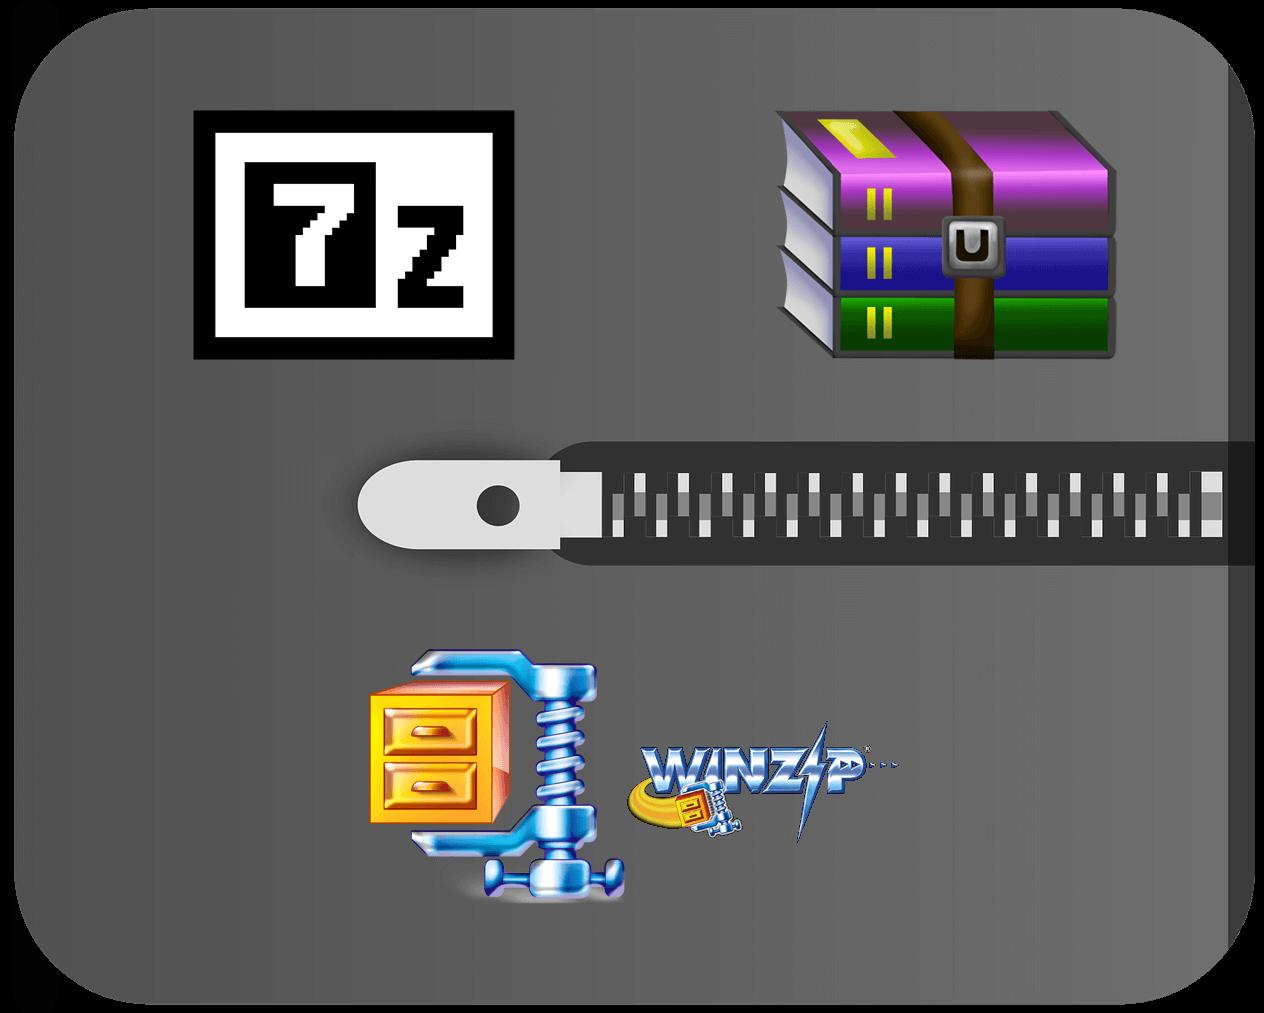 7-Zip vs WinZip vs WinRAR (Best File Compression Tool)